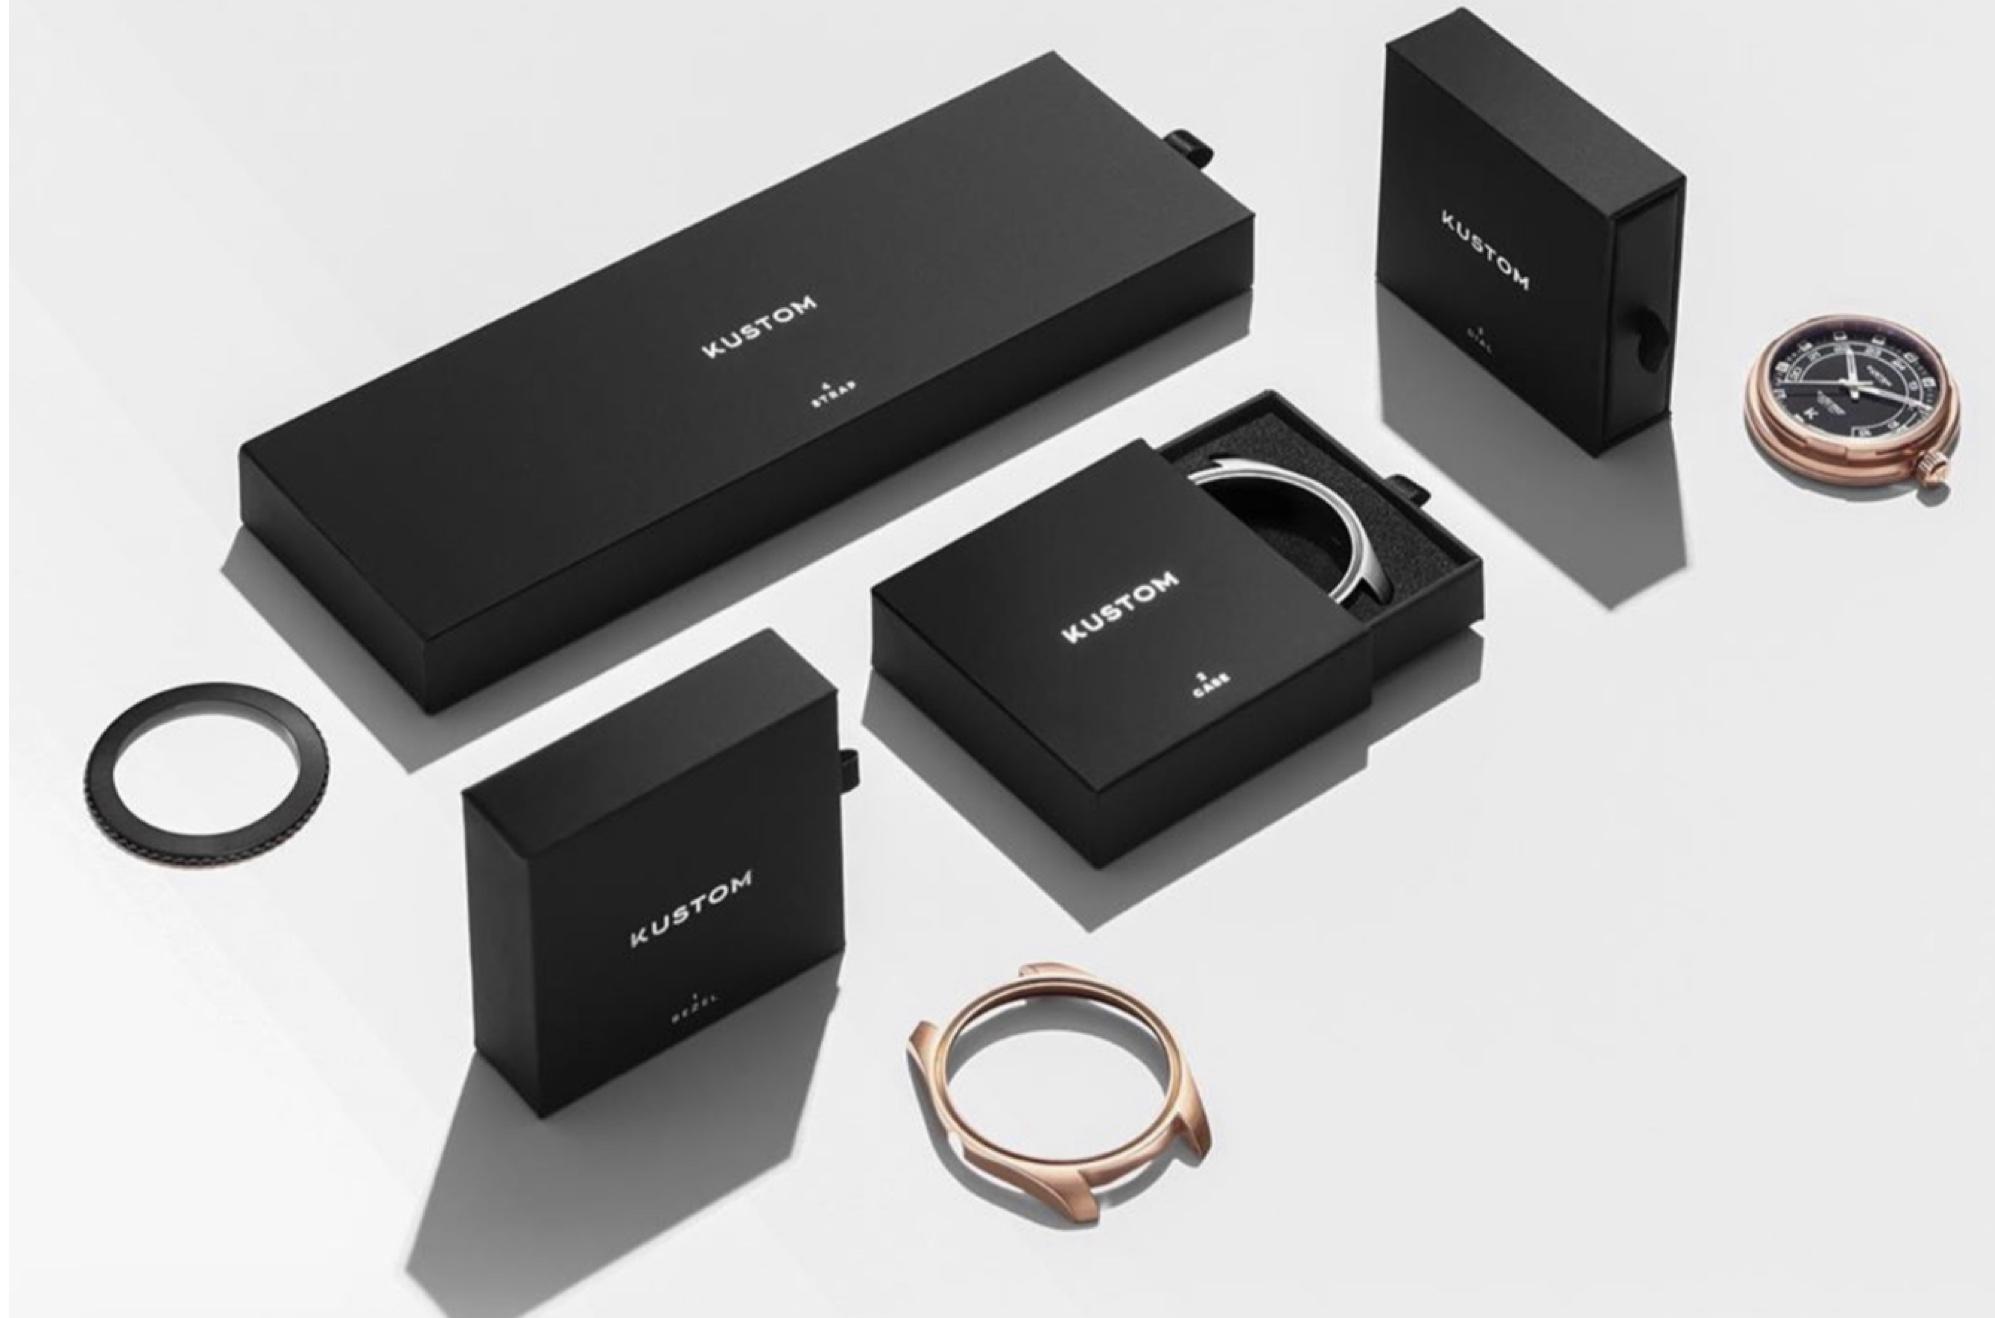 Kustom watches packaging